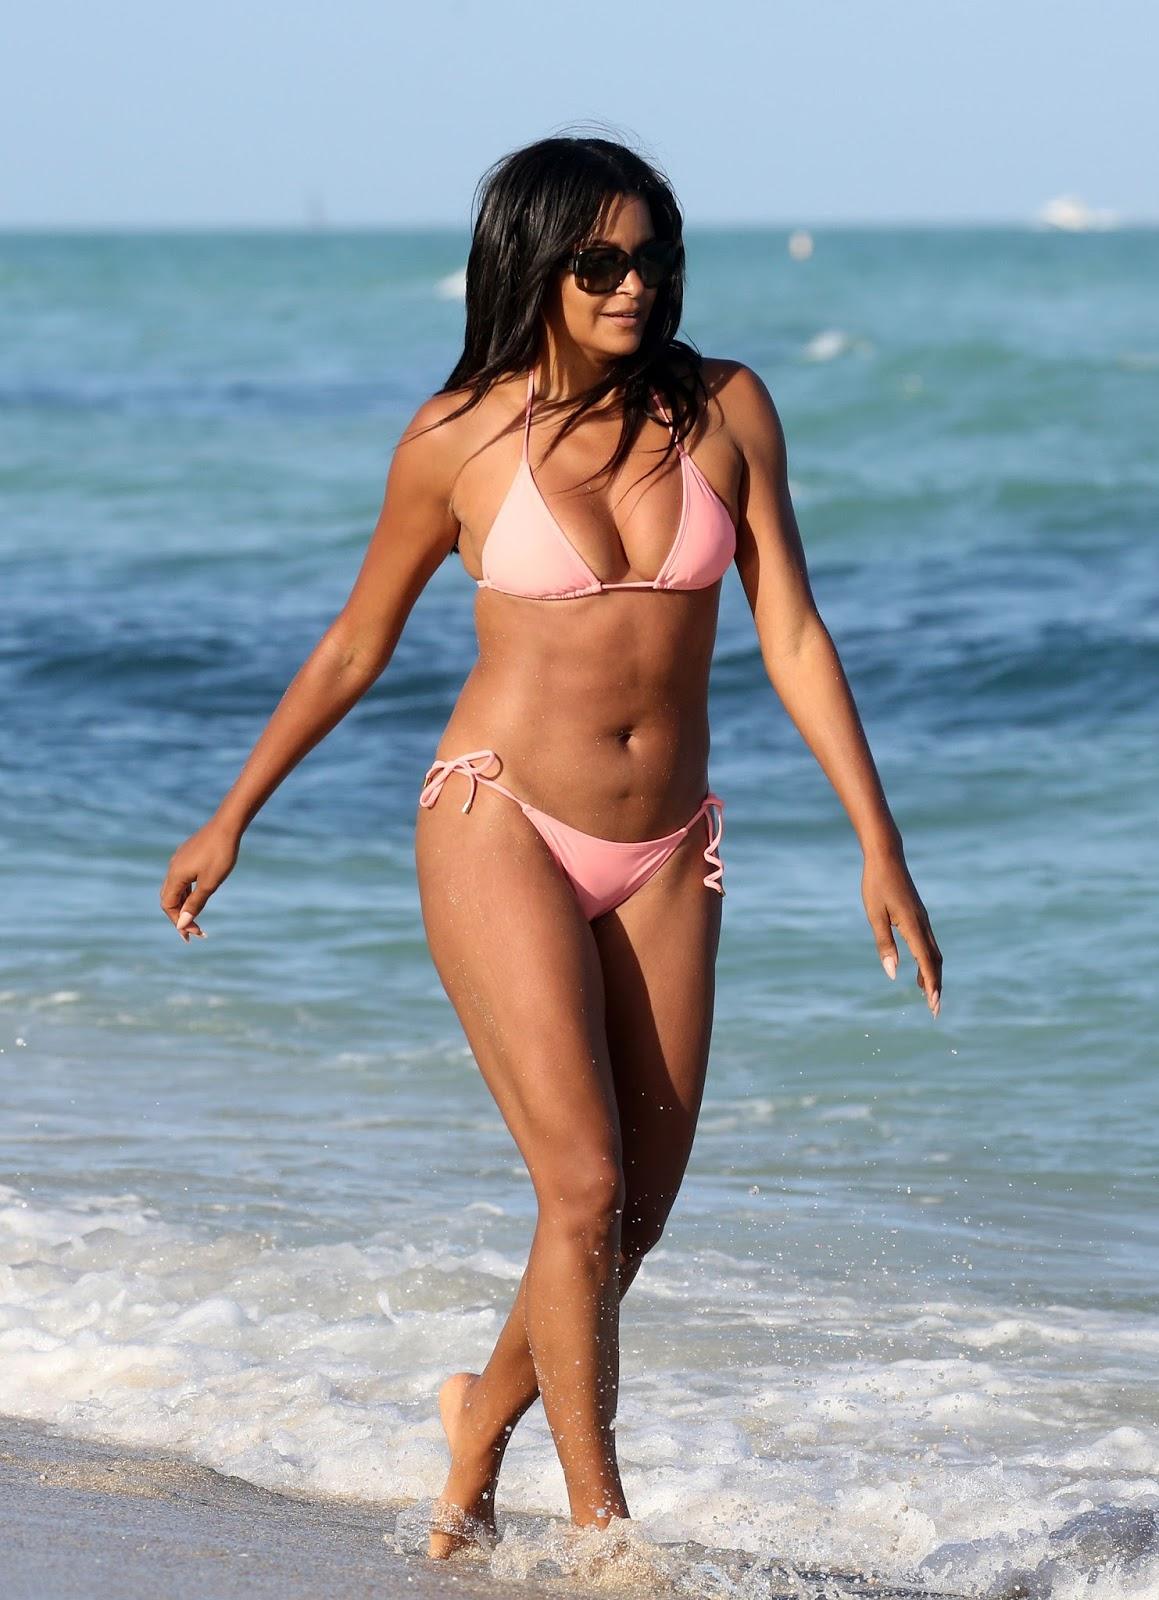 Claudia Jordan in a Bikini on the Beach in Miami - BootymotionTV